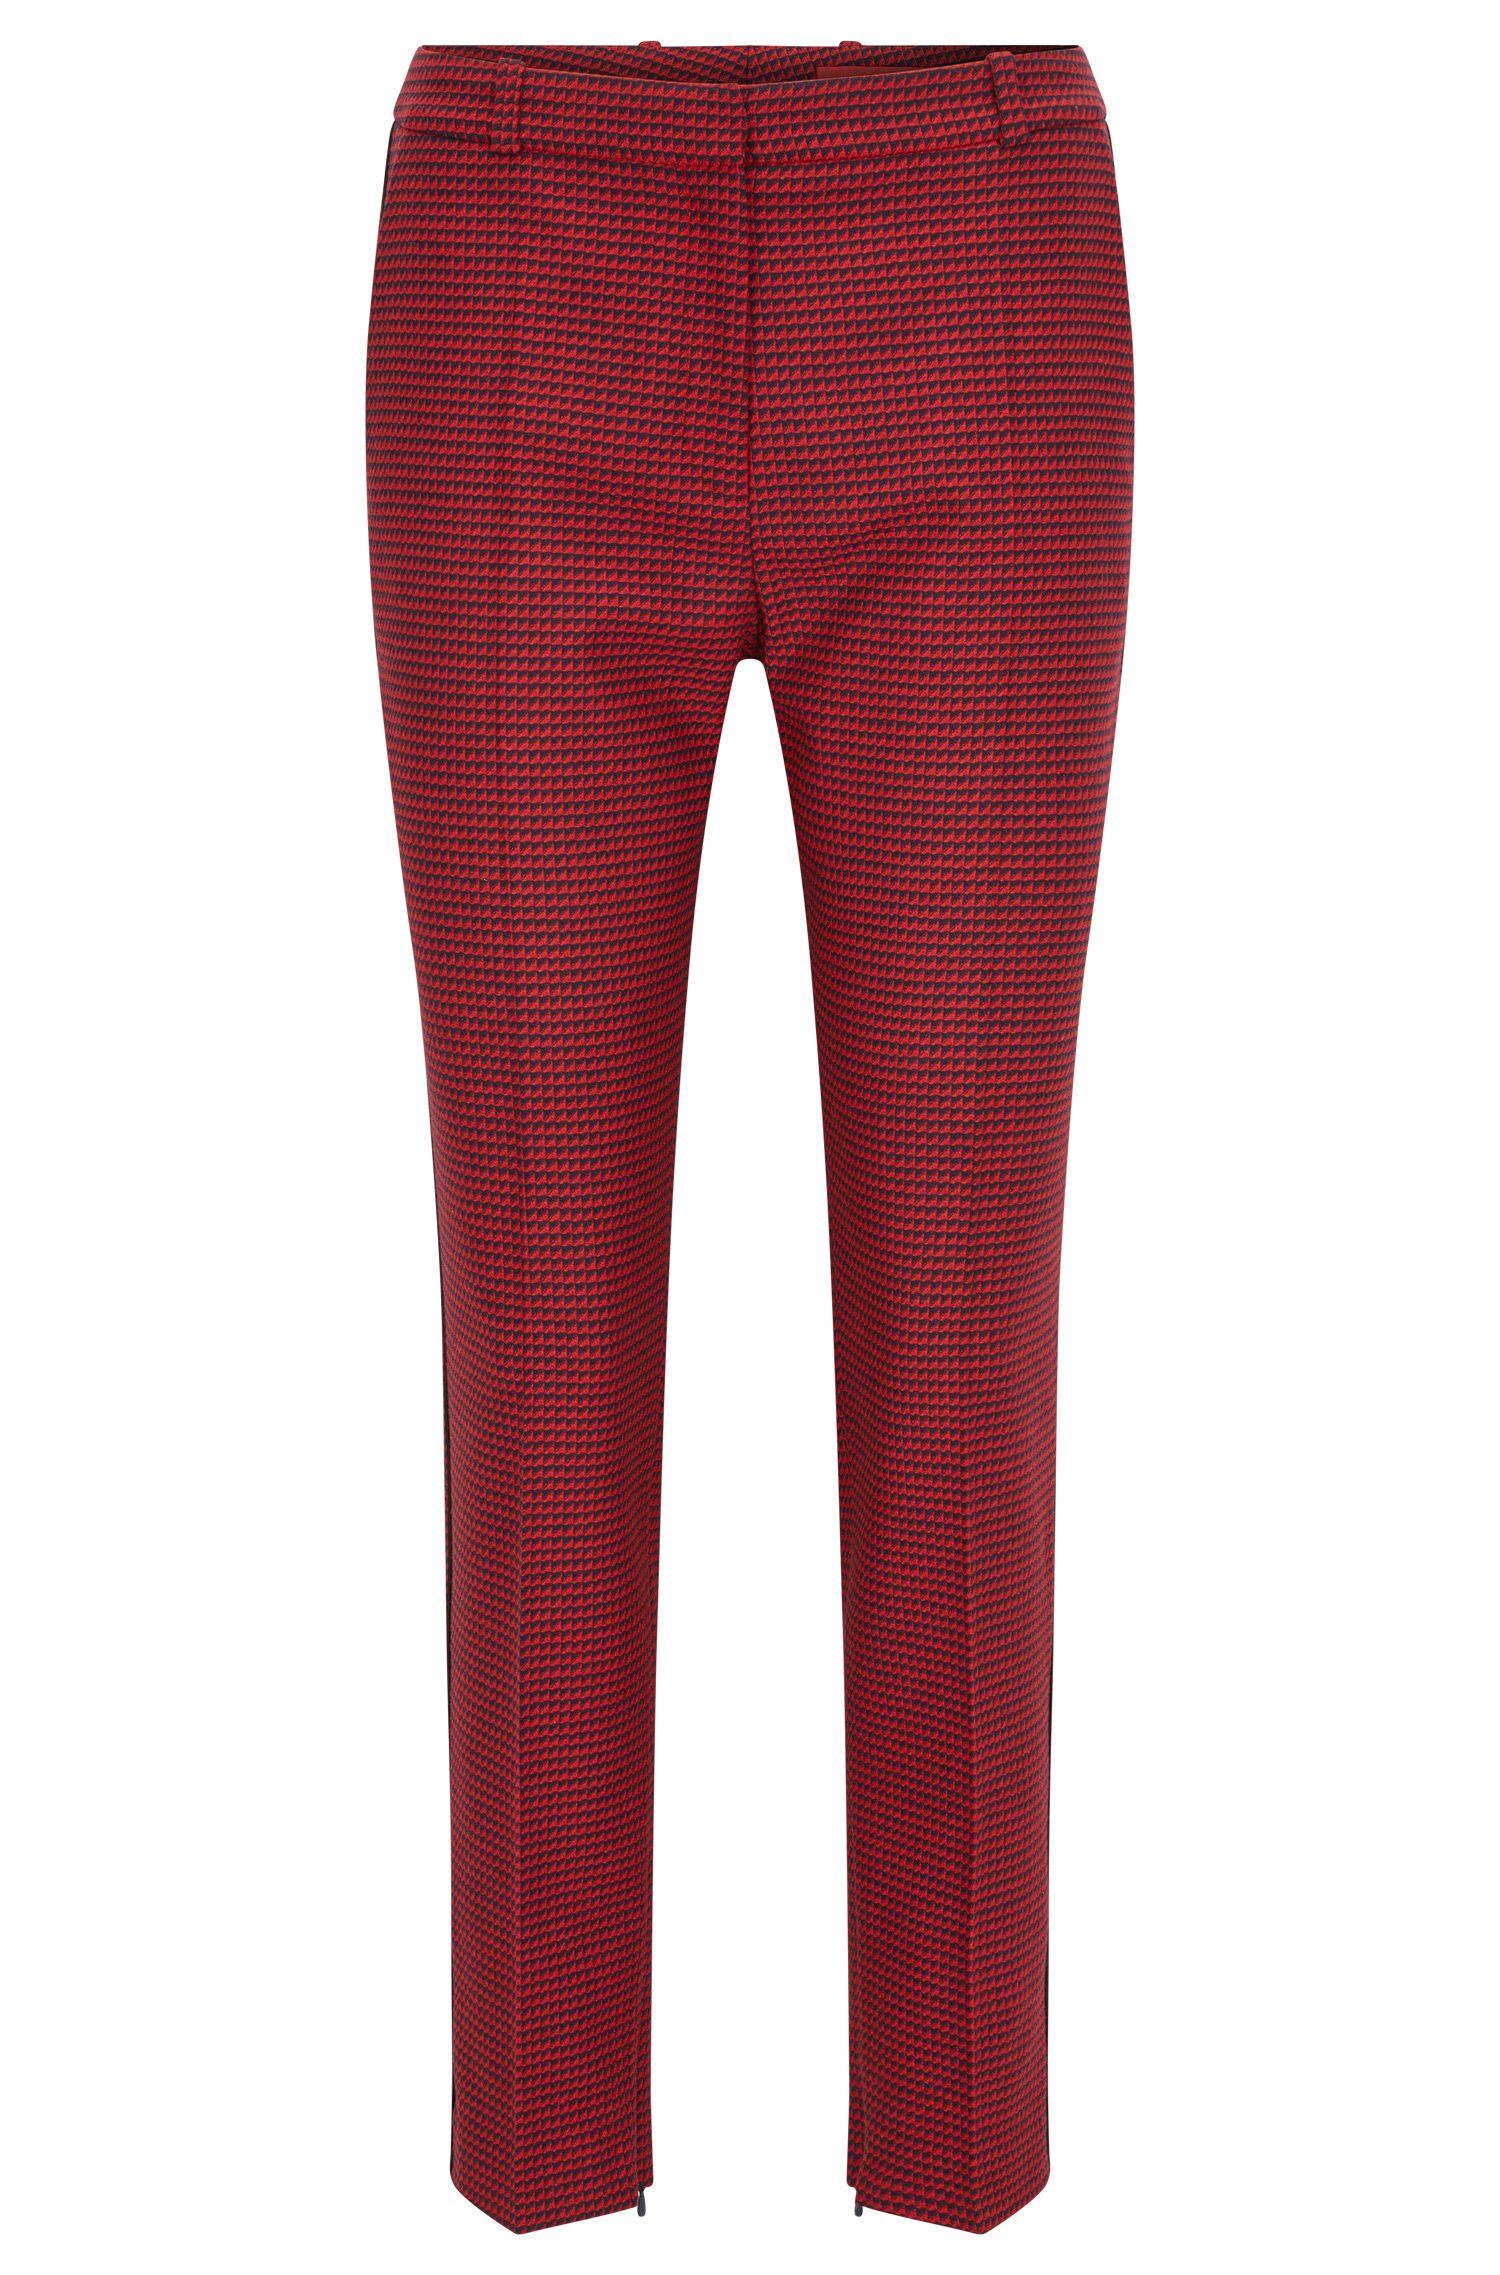 Pantalons Slim Fit en tissu à micro-motif